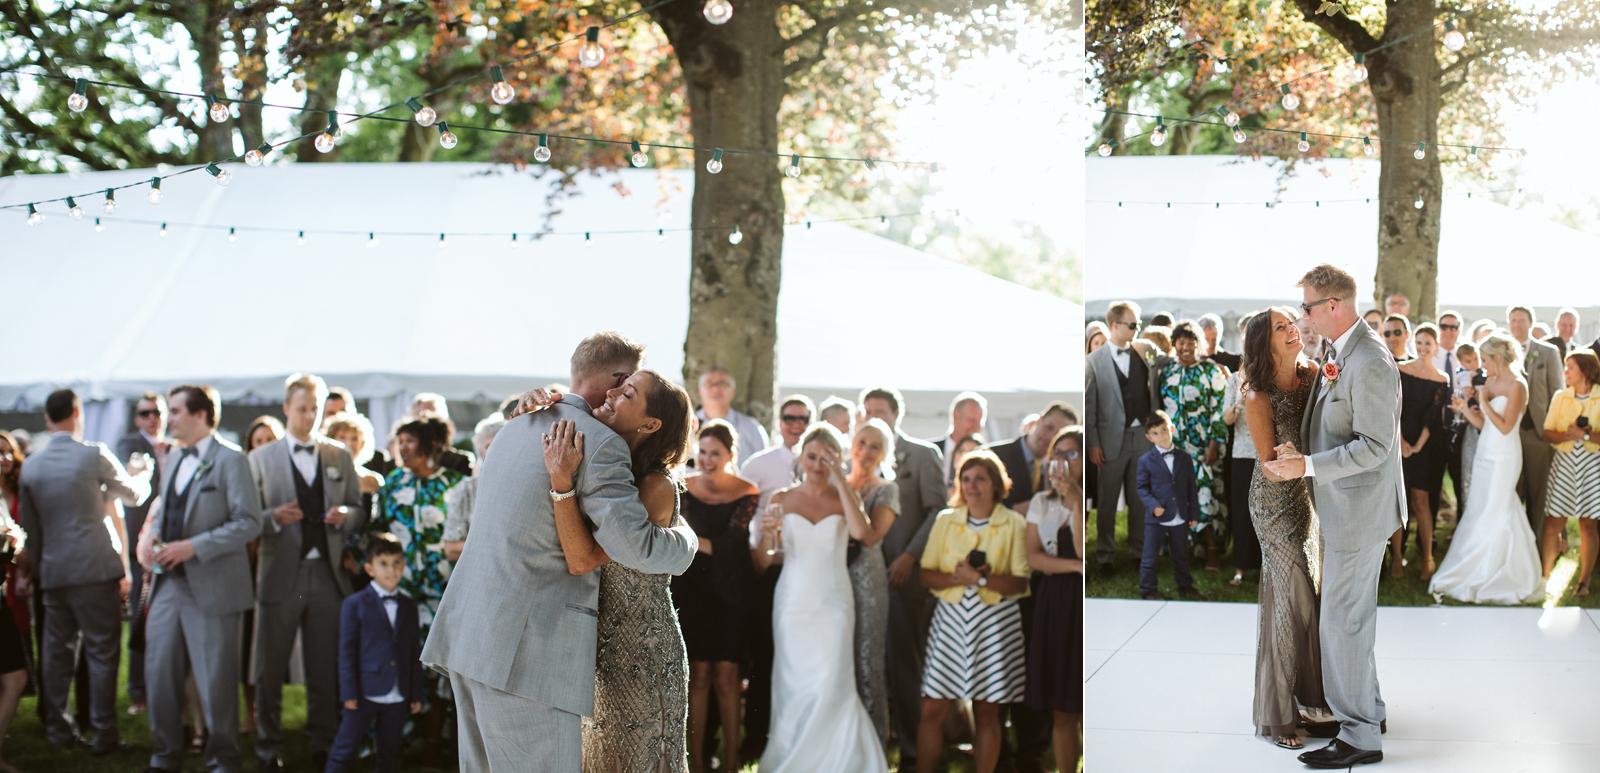 148-daronjackson-gabby-alec-wedding.jpg